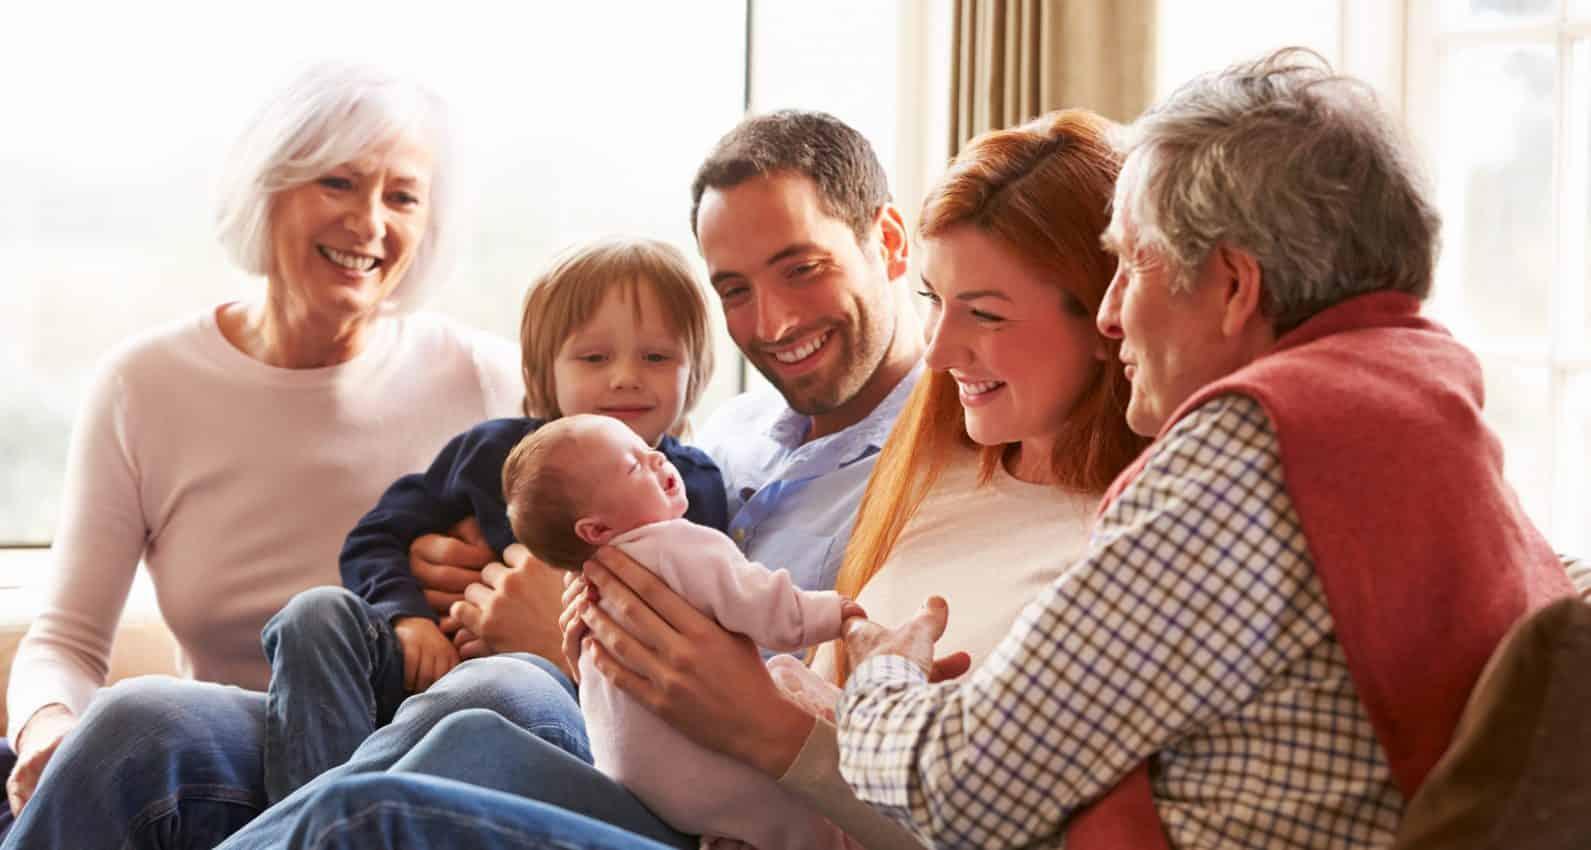 grootouder worden de dunne grens tussen helpen en bemoeien